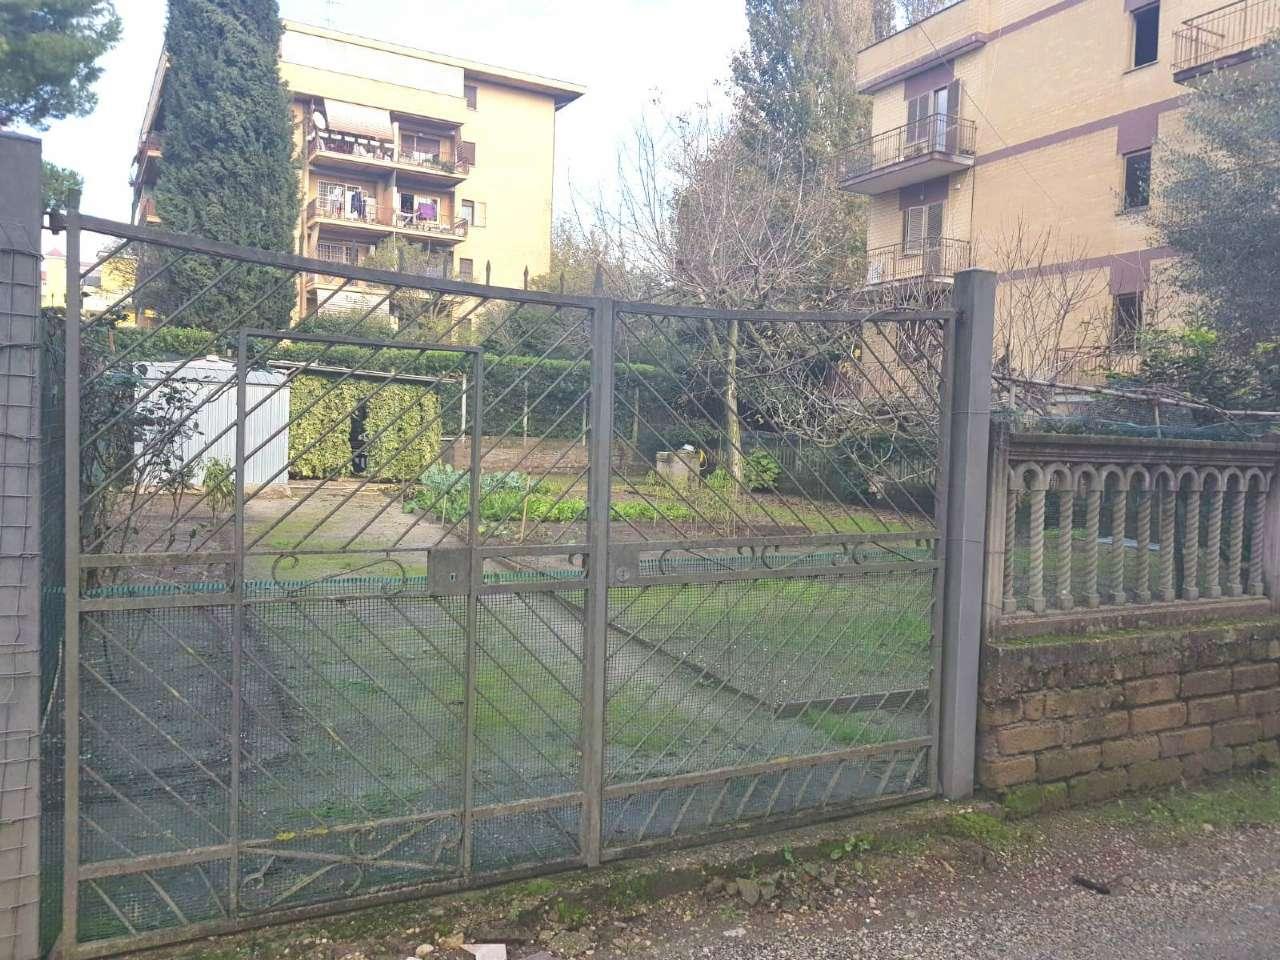 Terreno Edificabile Residenziale in vendita a Roma, 9999 locali, zona Zona: 41 . Castel di Guido - Casalotti - Valle Santa, prezzo € 175.000   CambioCasa.it